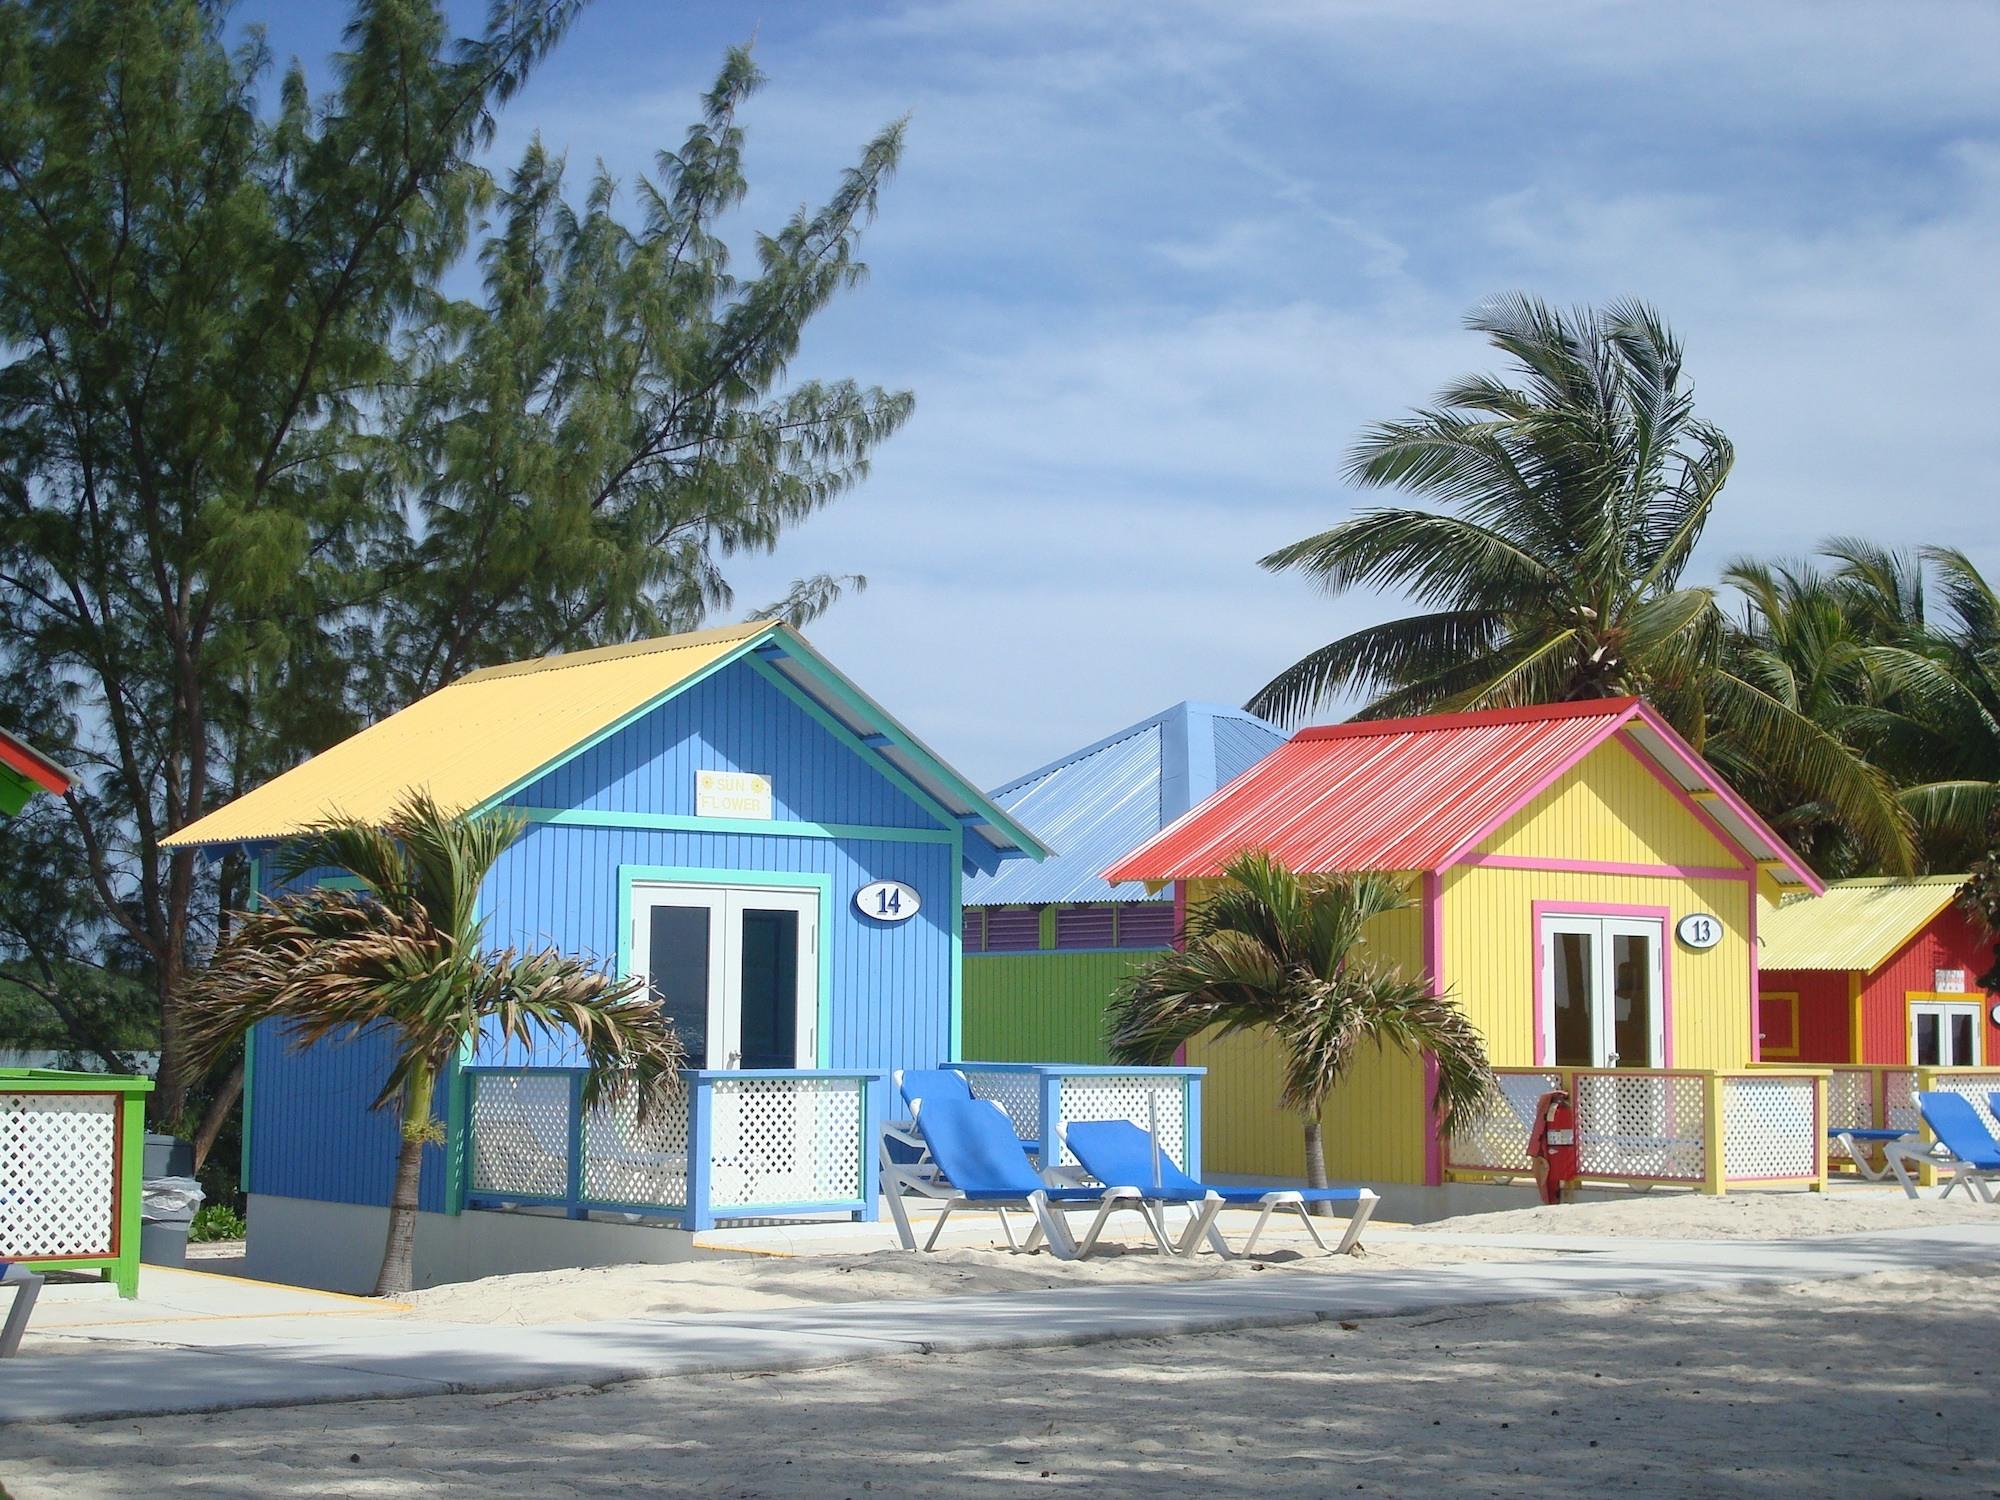 Bahamas Beach Huts